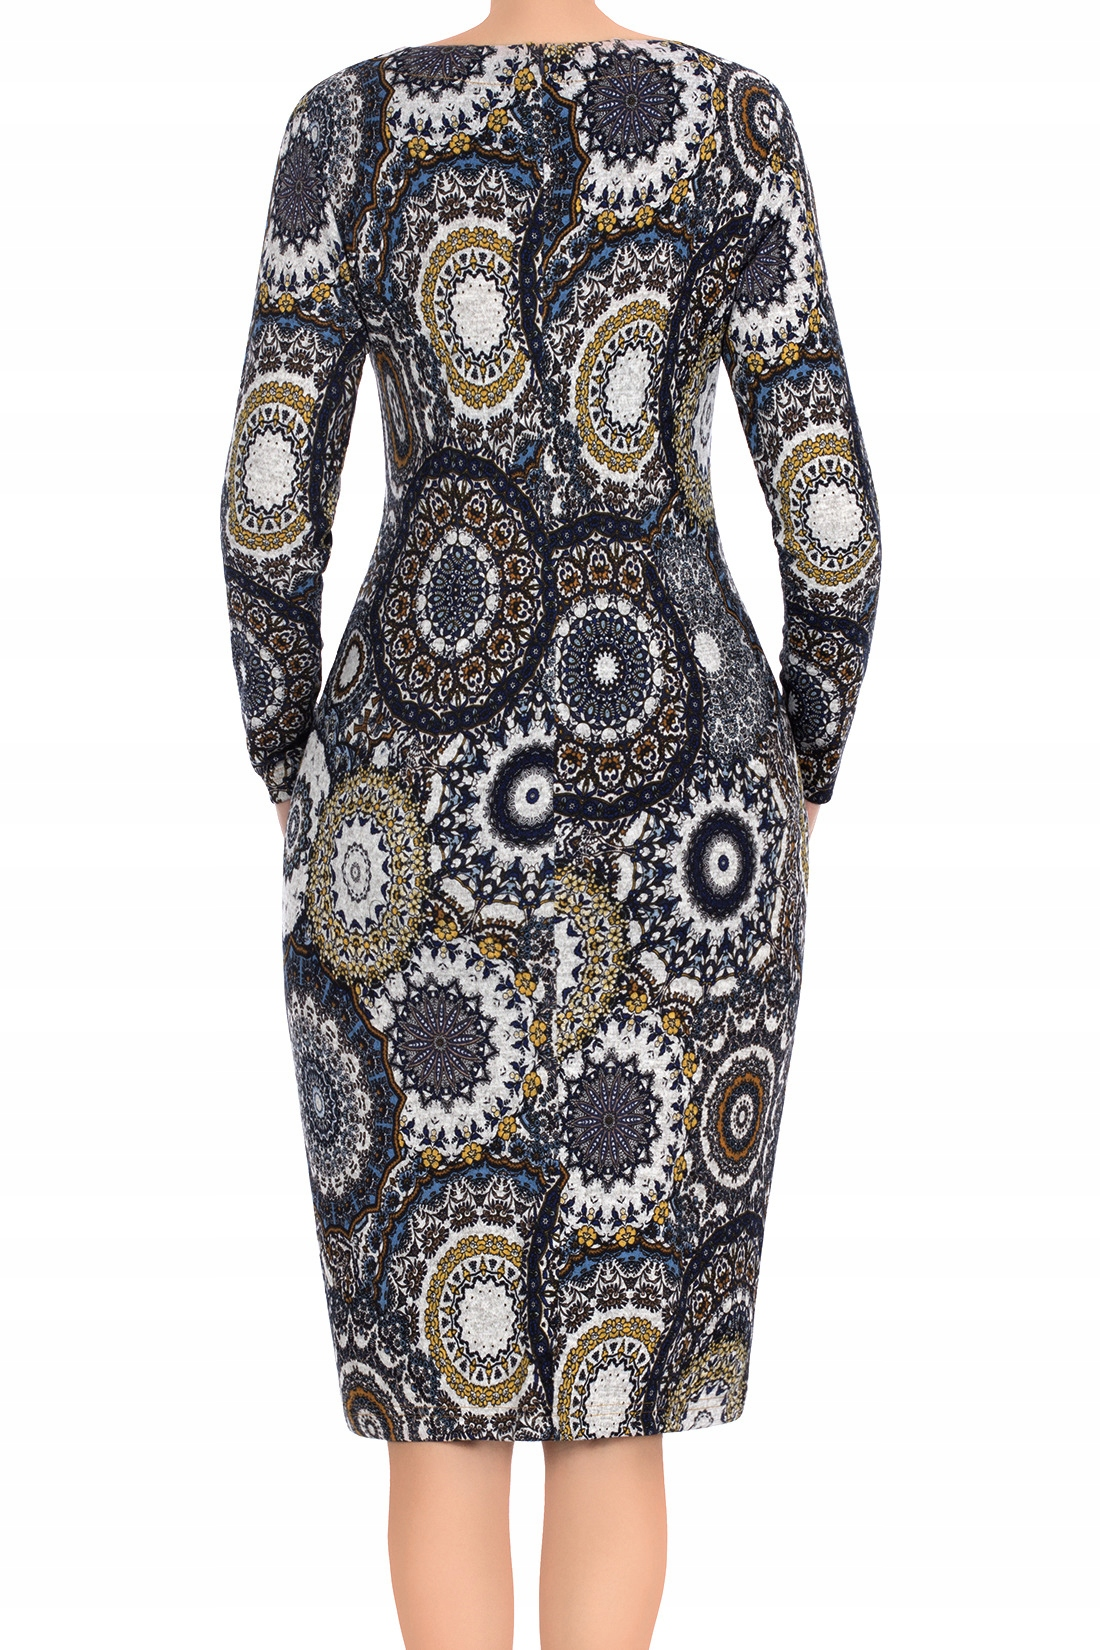 e3ebc35d6d Klasyczna sukienka JSA Maria 2877 wzory 40 MODON - 7714862027 ...